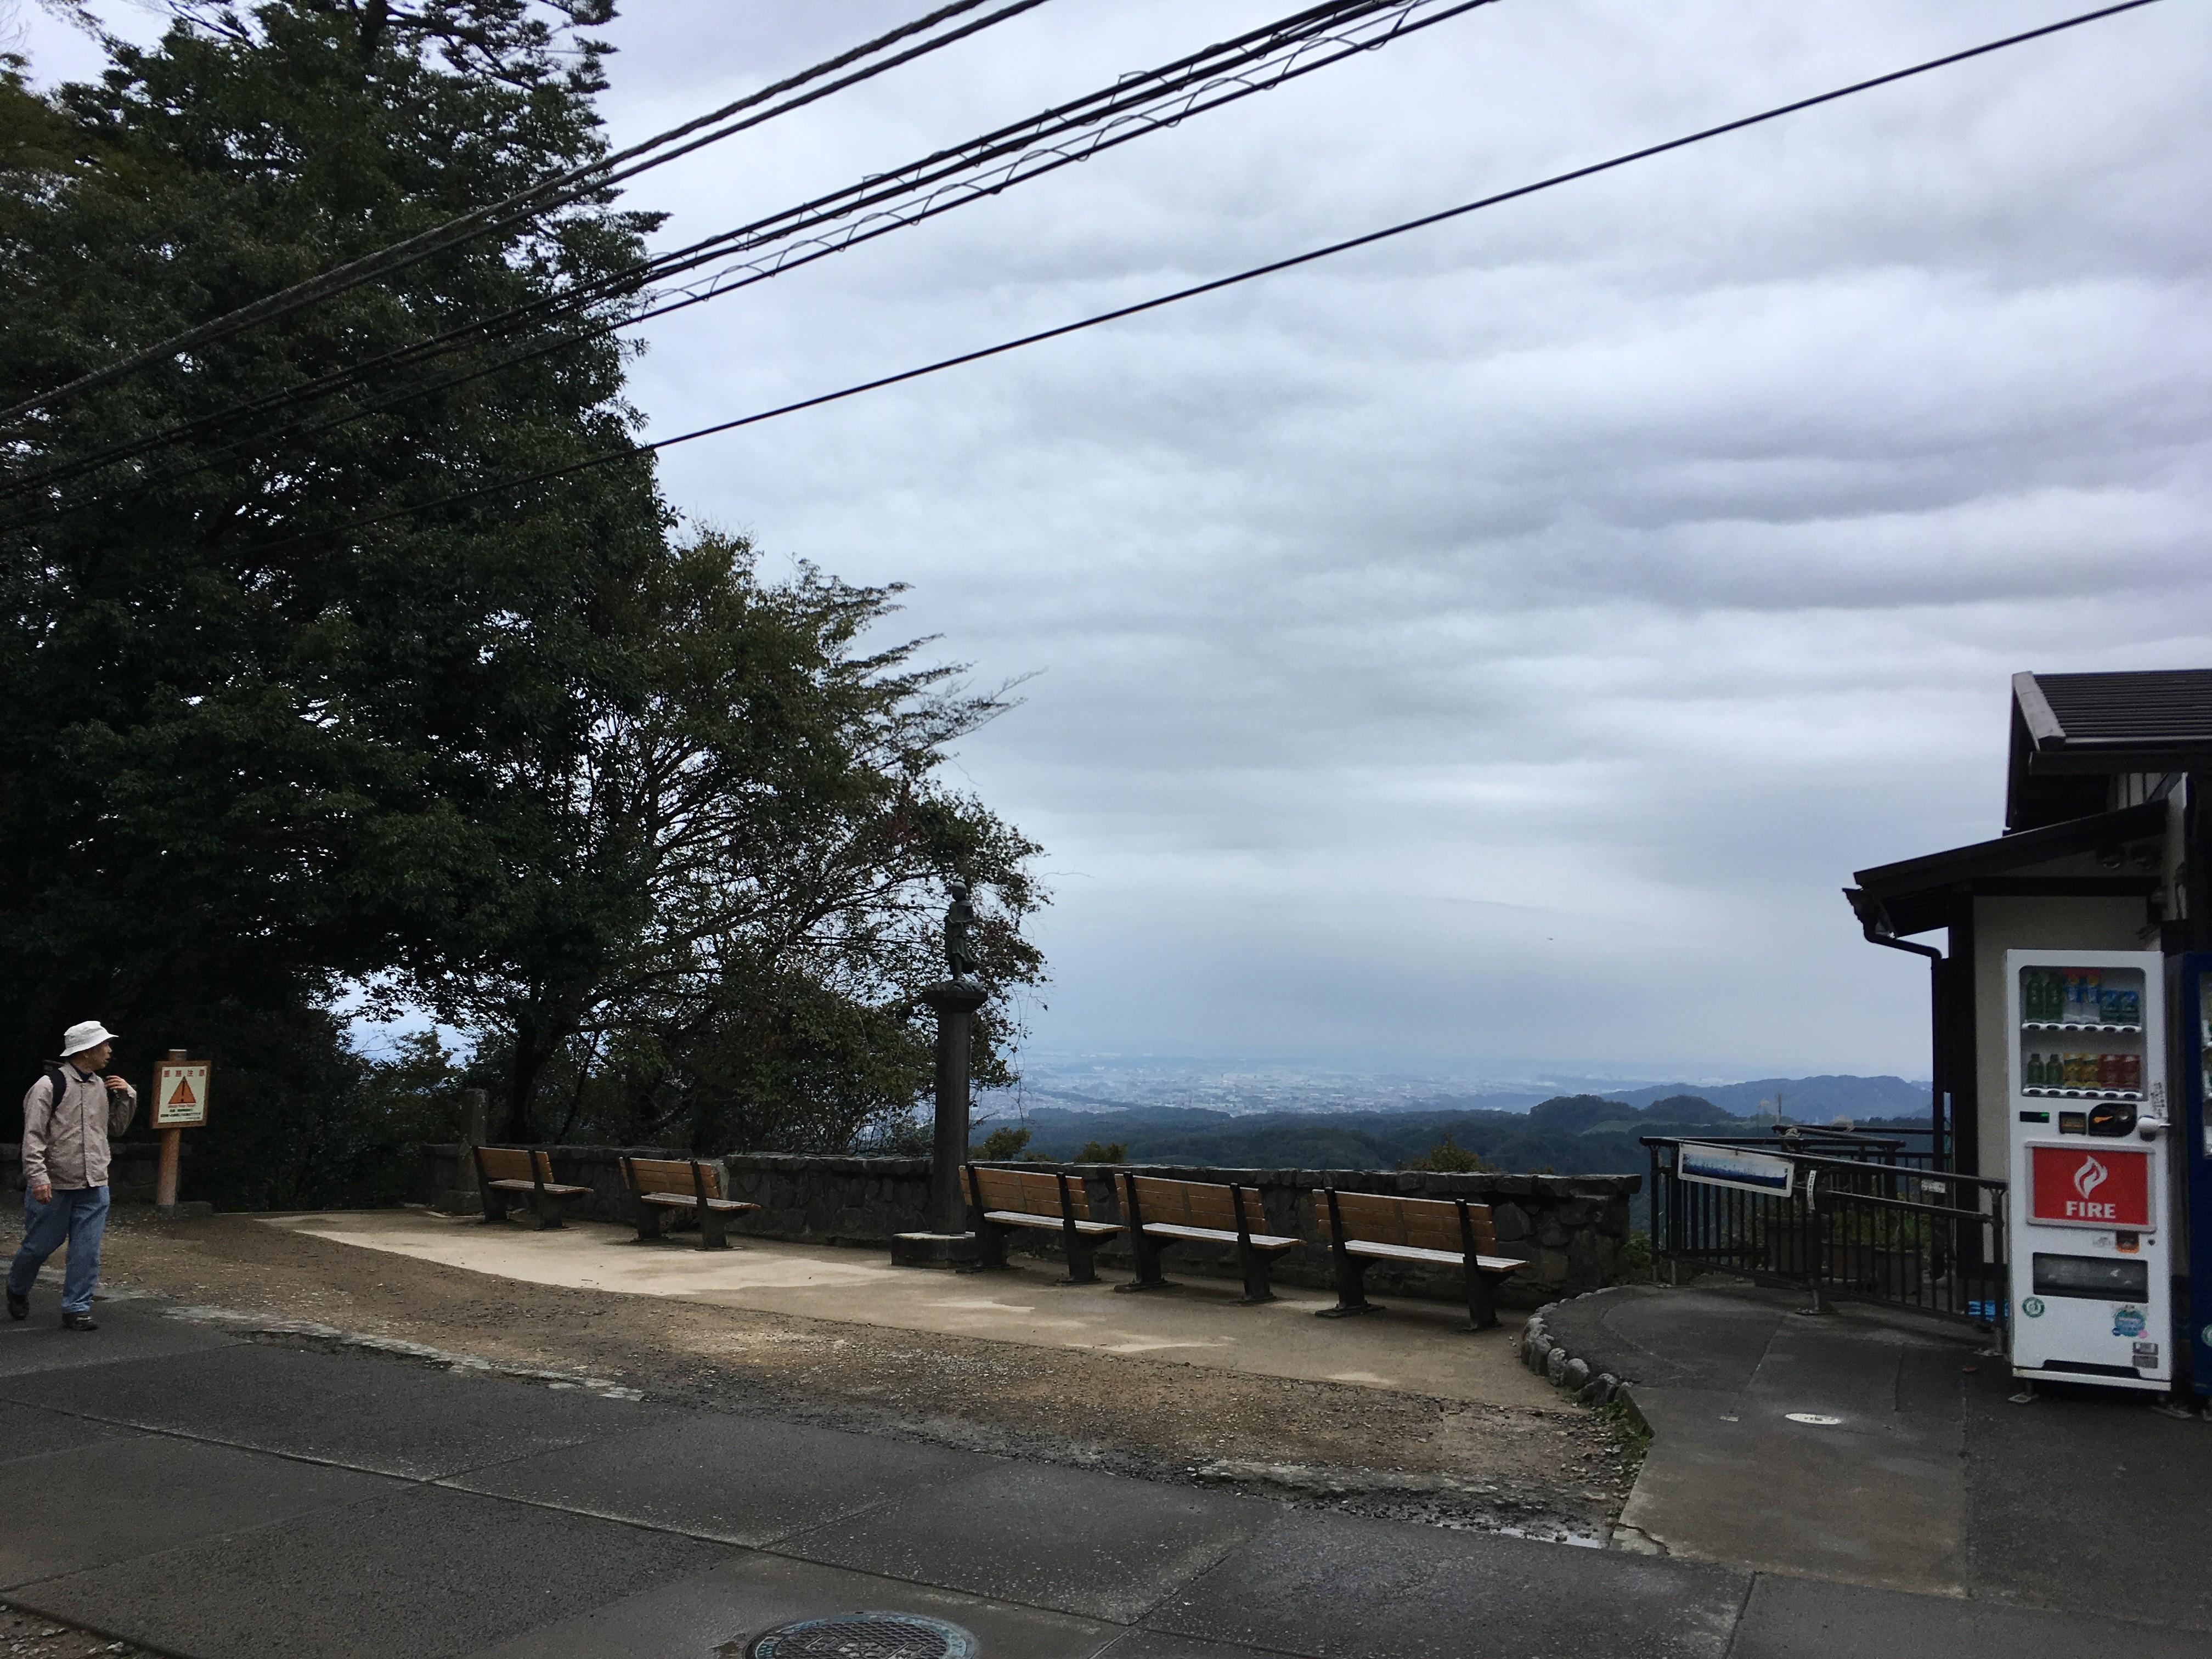 十一丁目茶屋からの景観